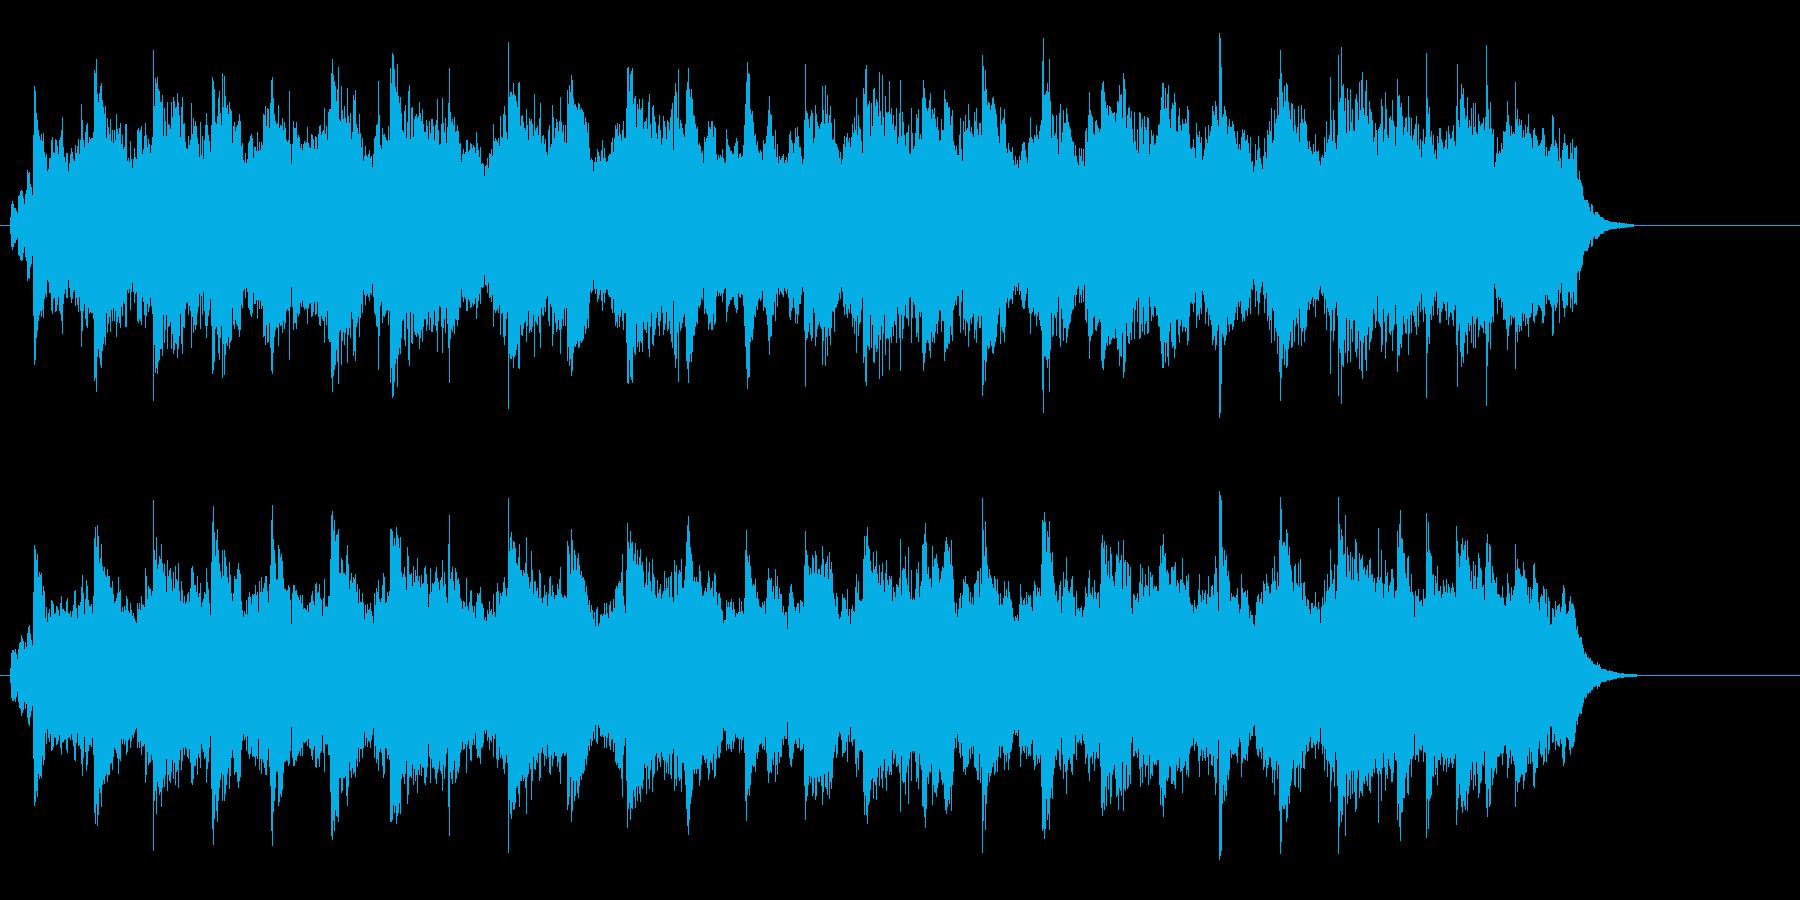 懐かしいイメージのするフォーク風ポップの再生済みの波形